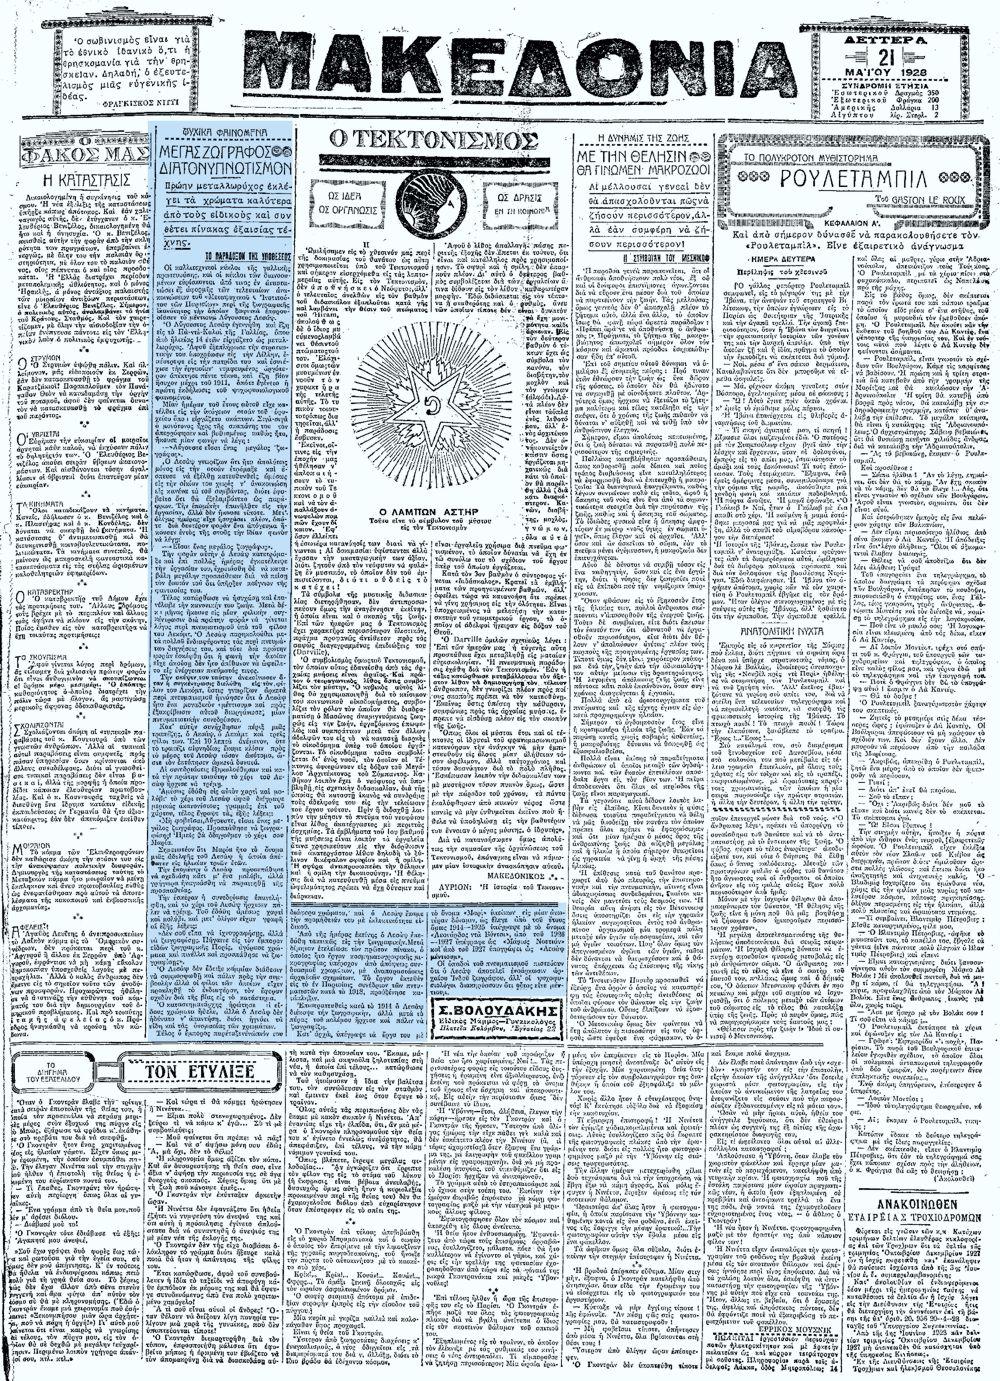 """Το άρθρο, όπως δημοσιεύθηκε στην εφημερίδα """"ΜΑΚΕΔΟΝΙΑ"""", στις 21/05/1928"""